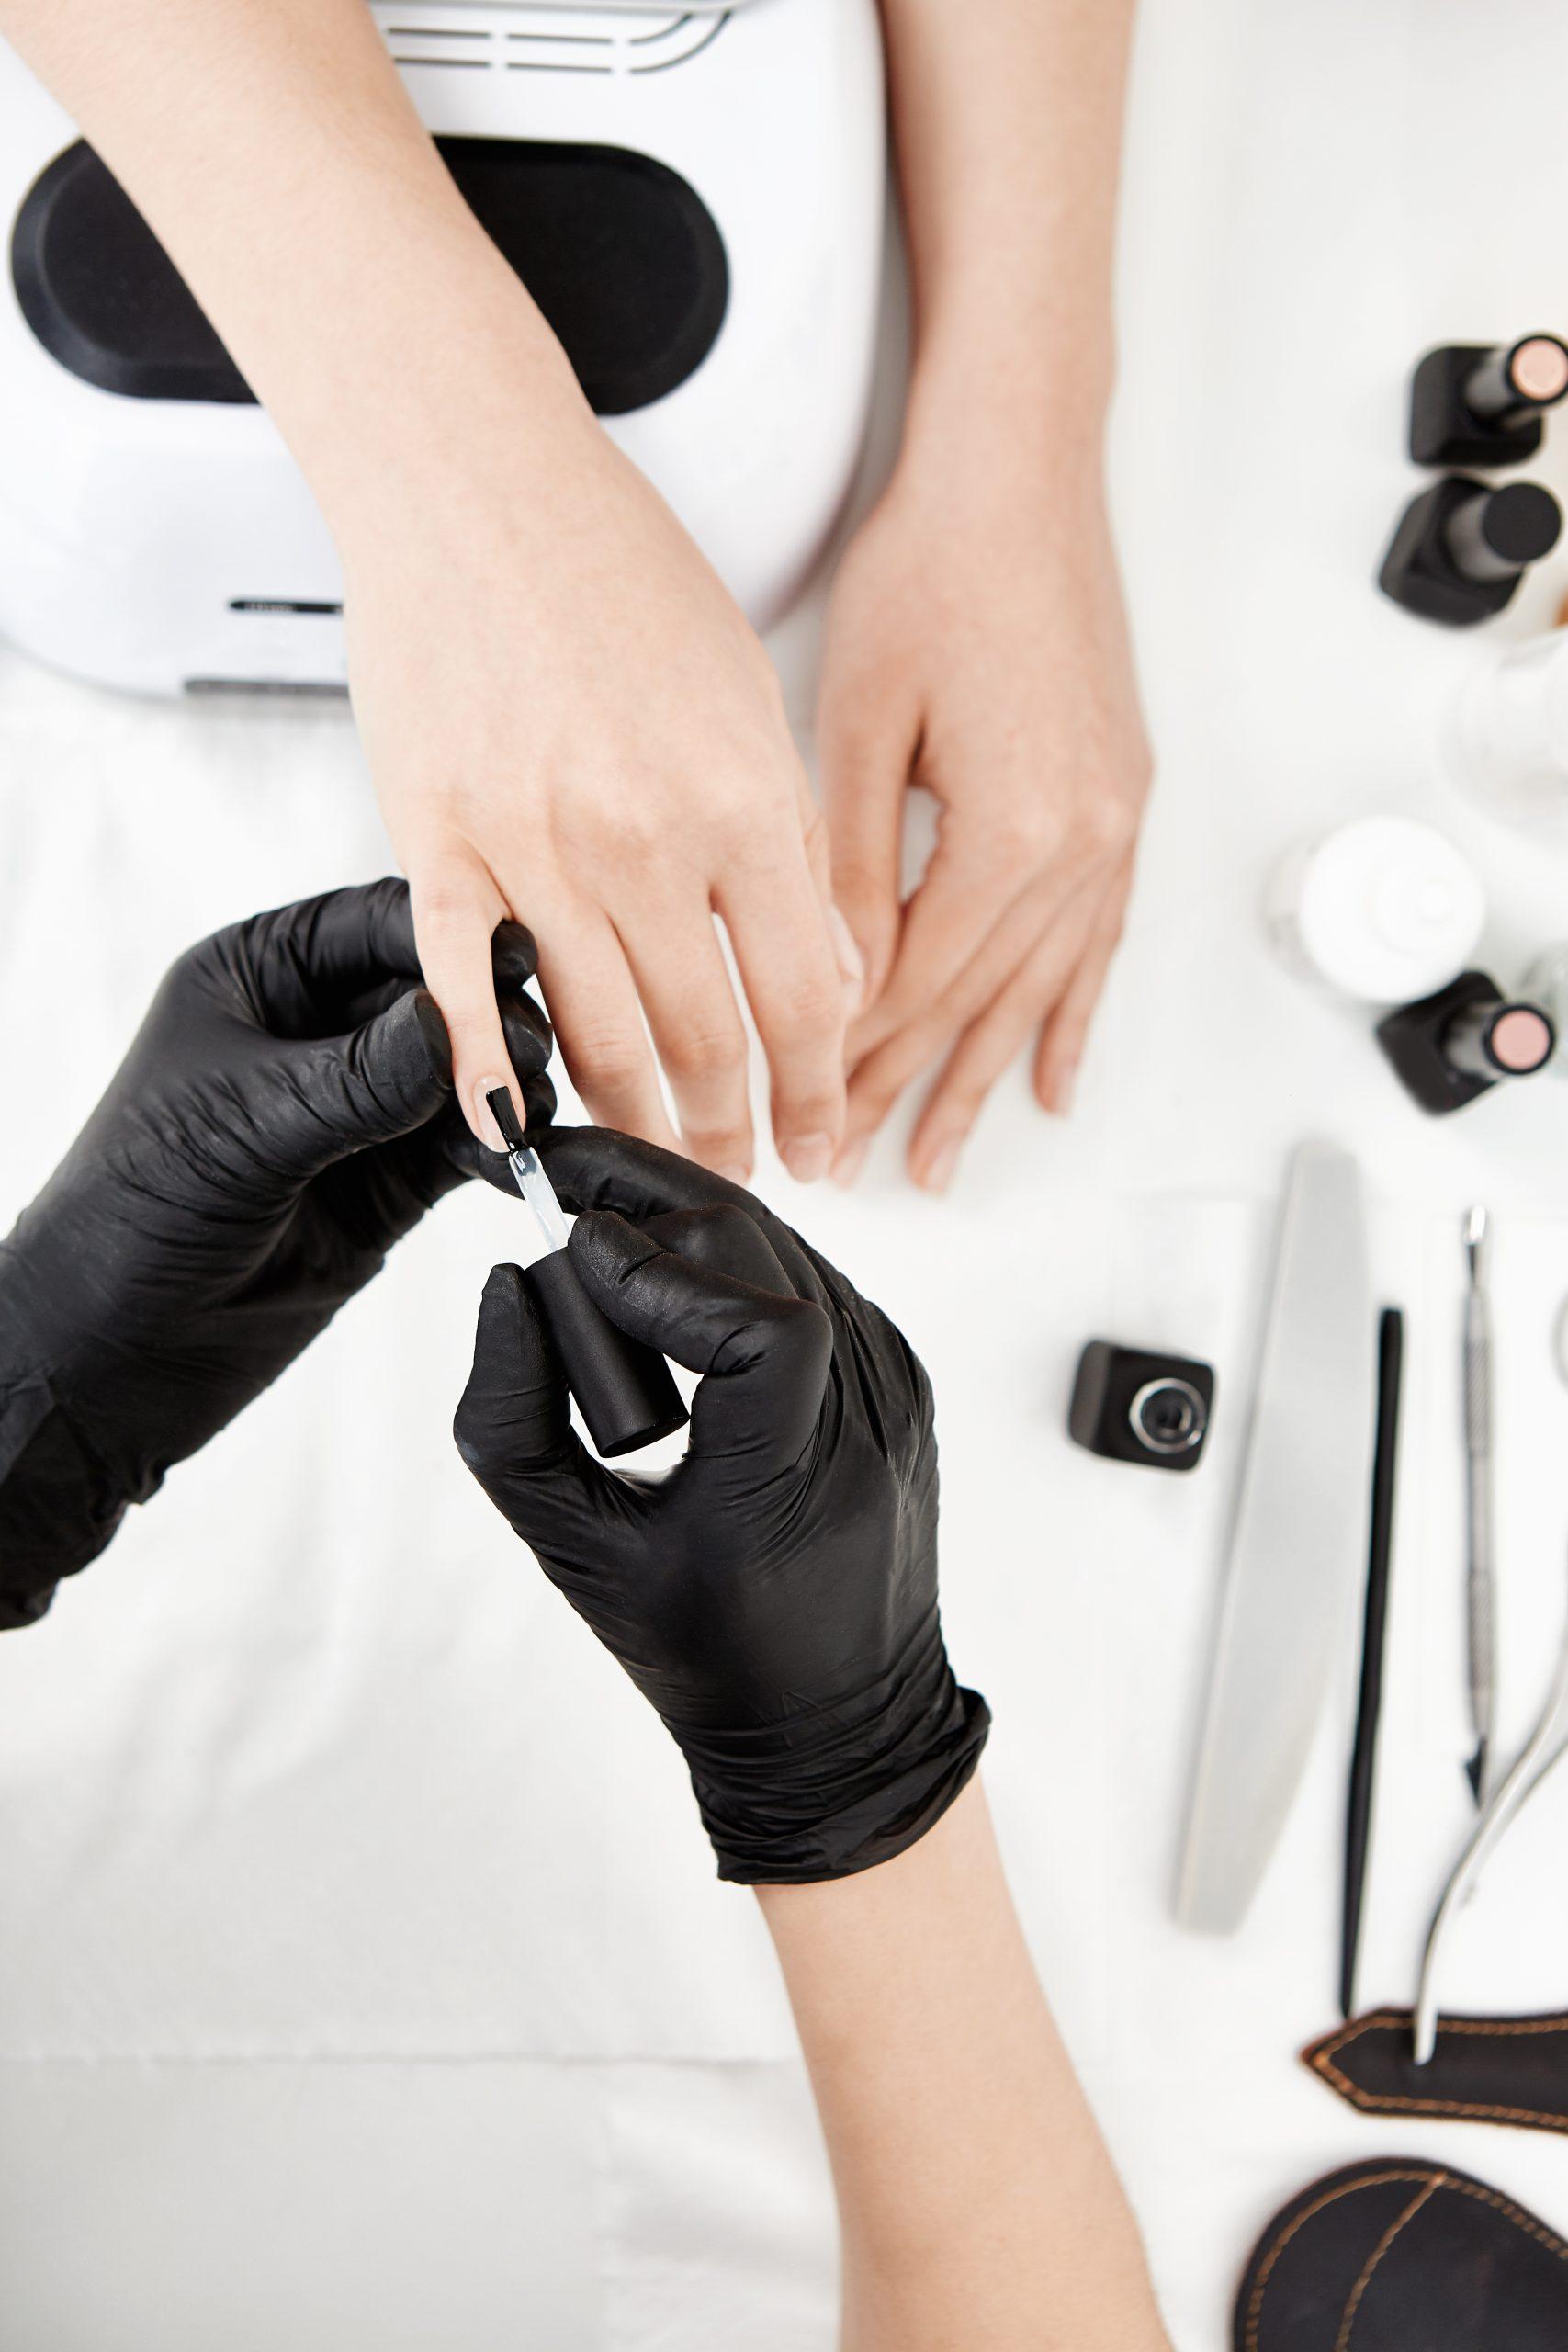 nail artist gloves applying base coat little finger scaled